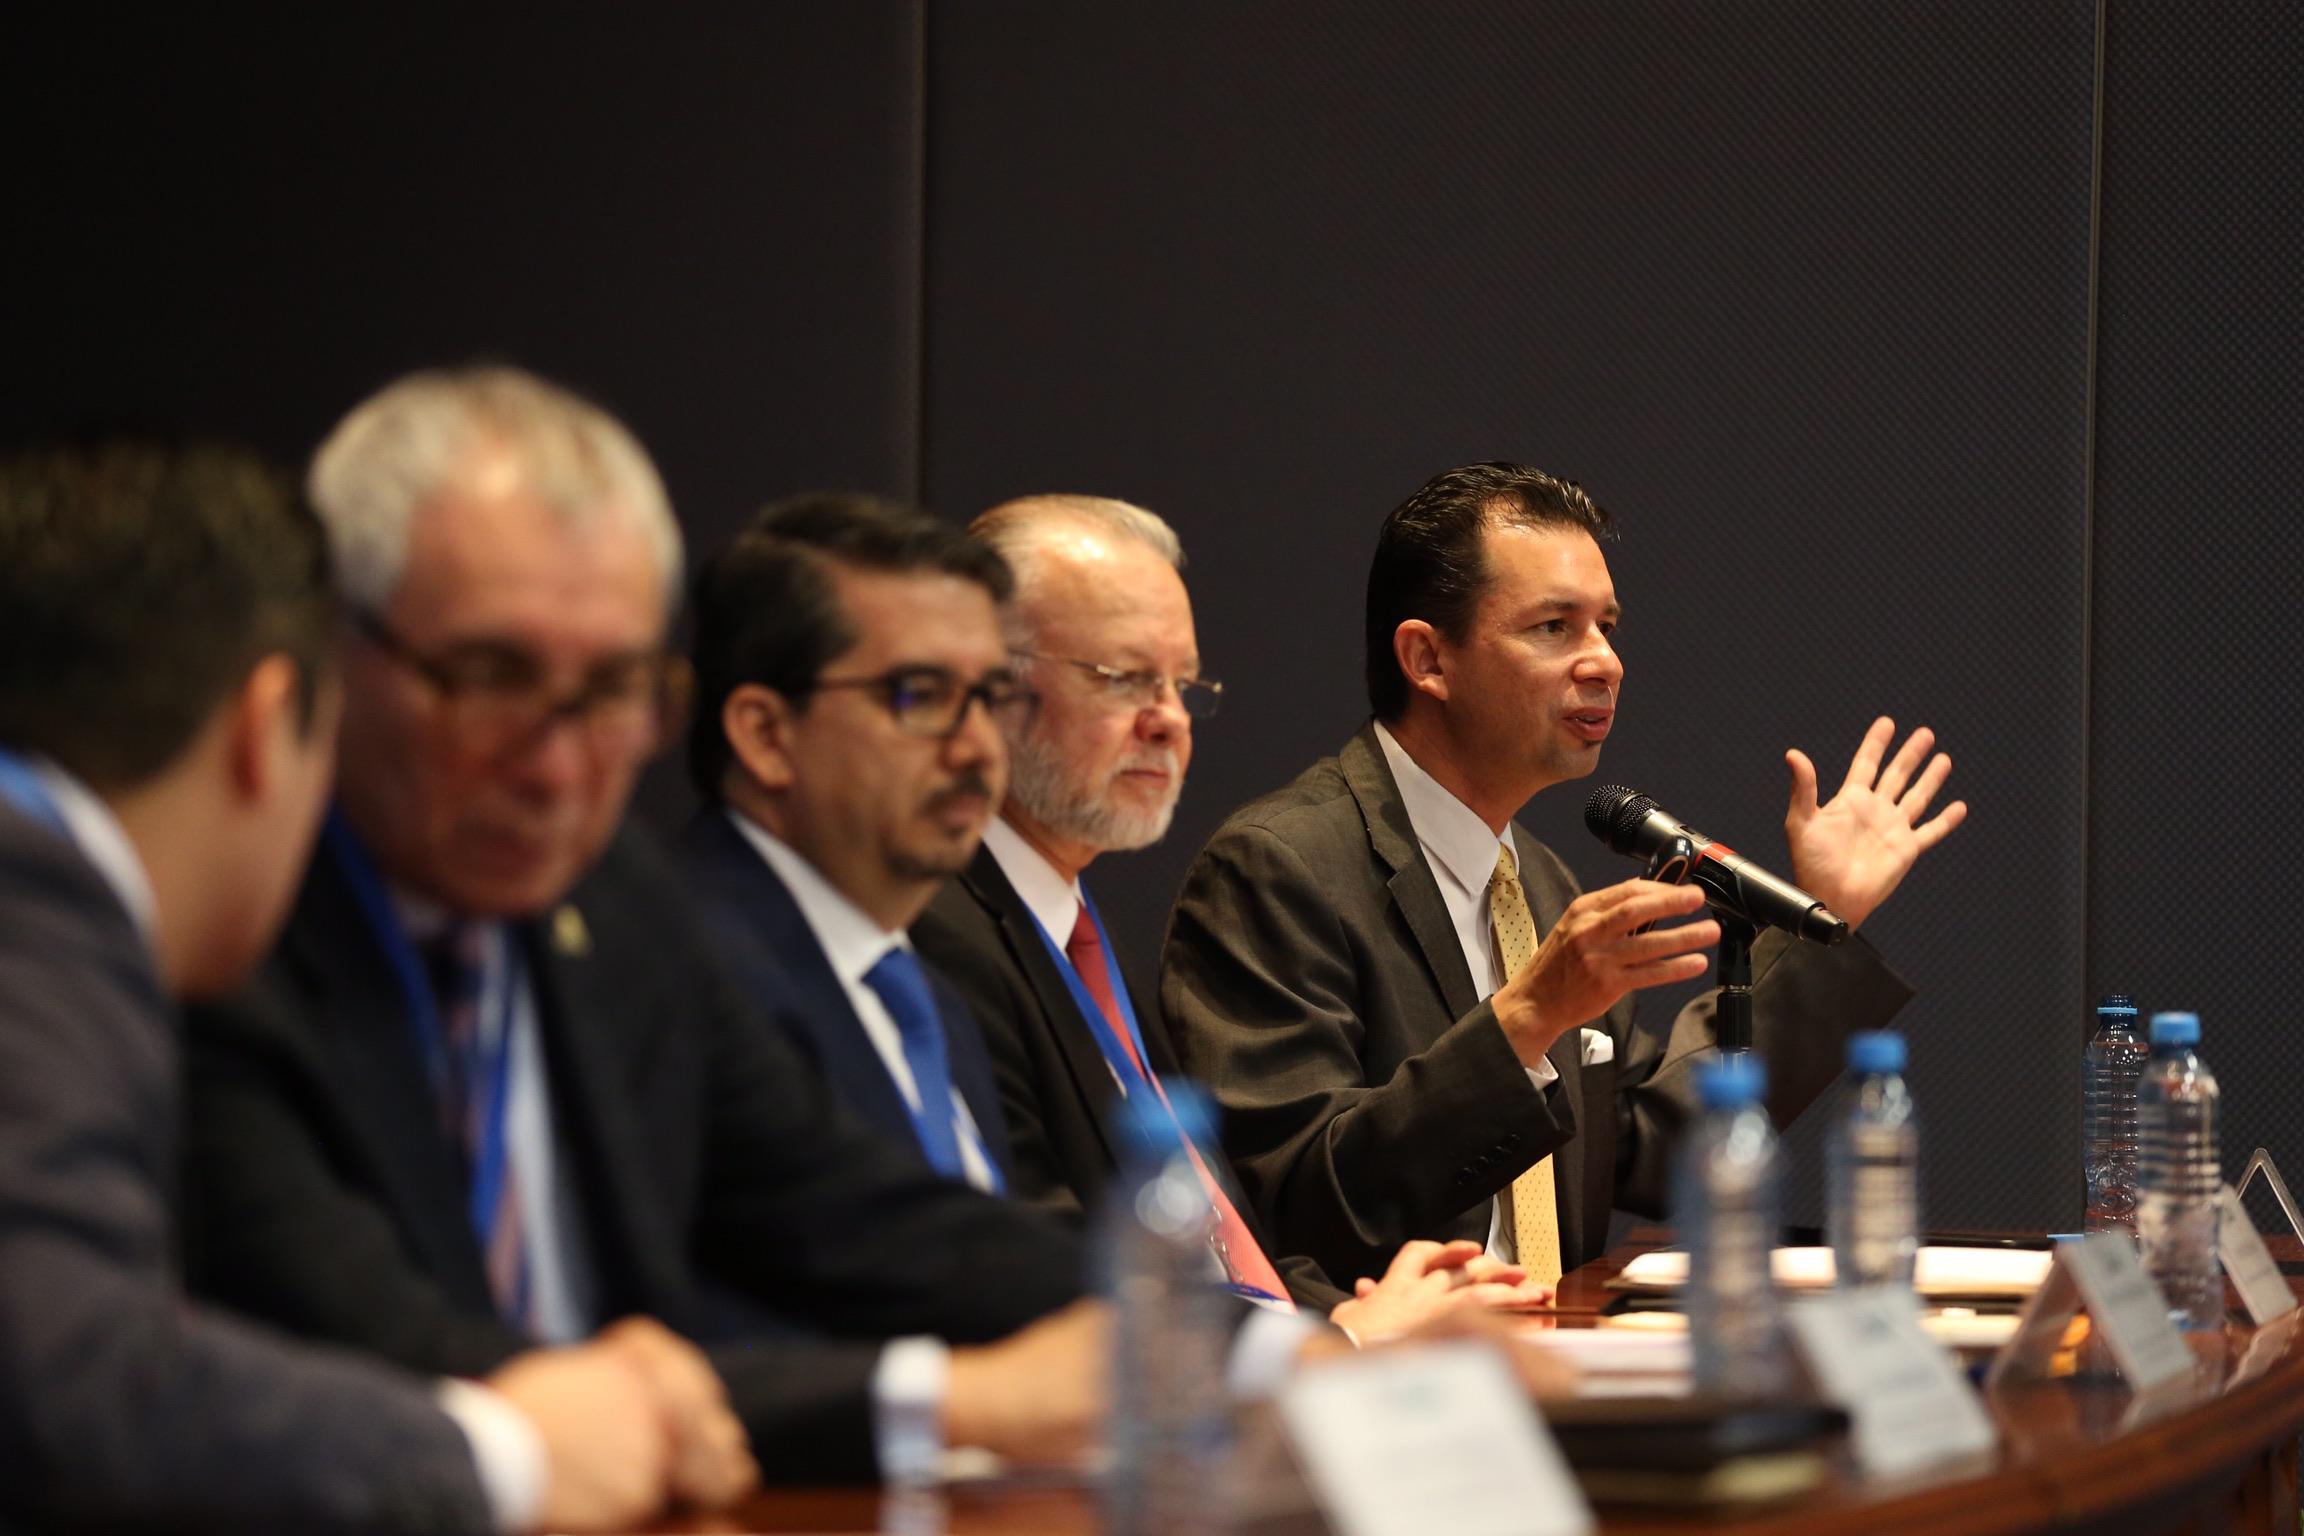 Doctor Víctor Manuel Larios Rosillo, Director del Centro de Innovación de Ciudades Inteligentes del CUCEA y miembro panelista, haciendo uso de la palabra.